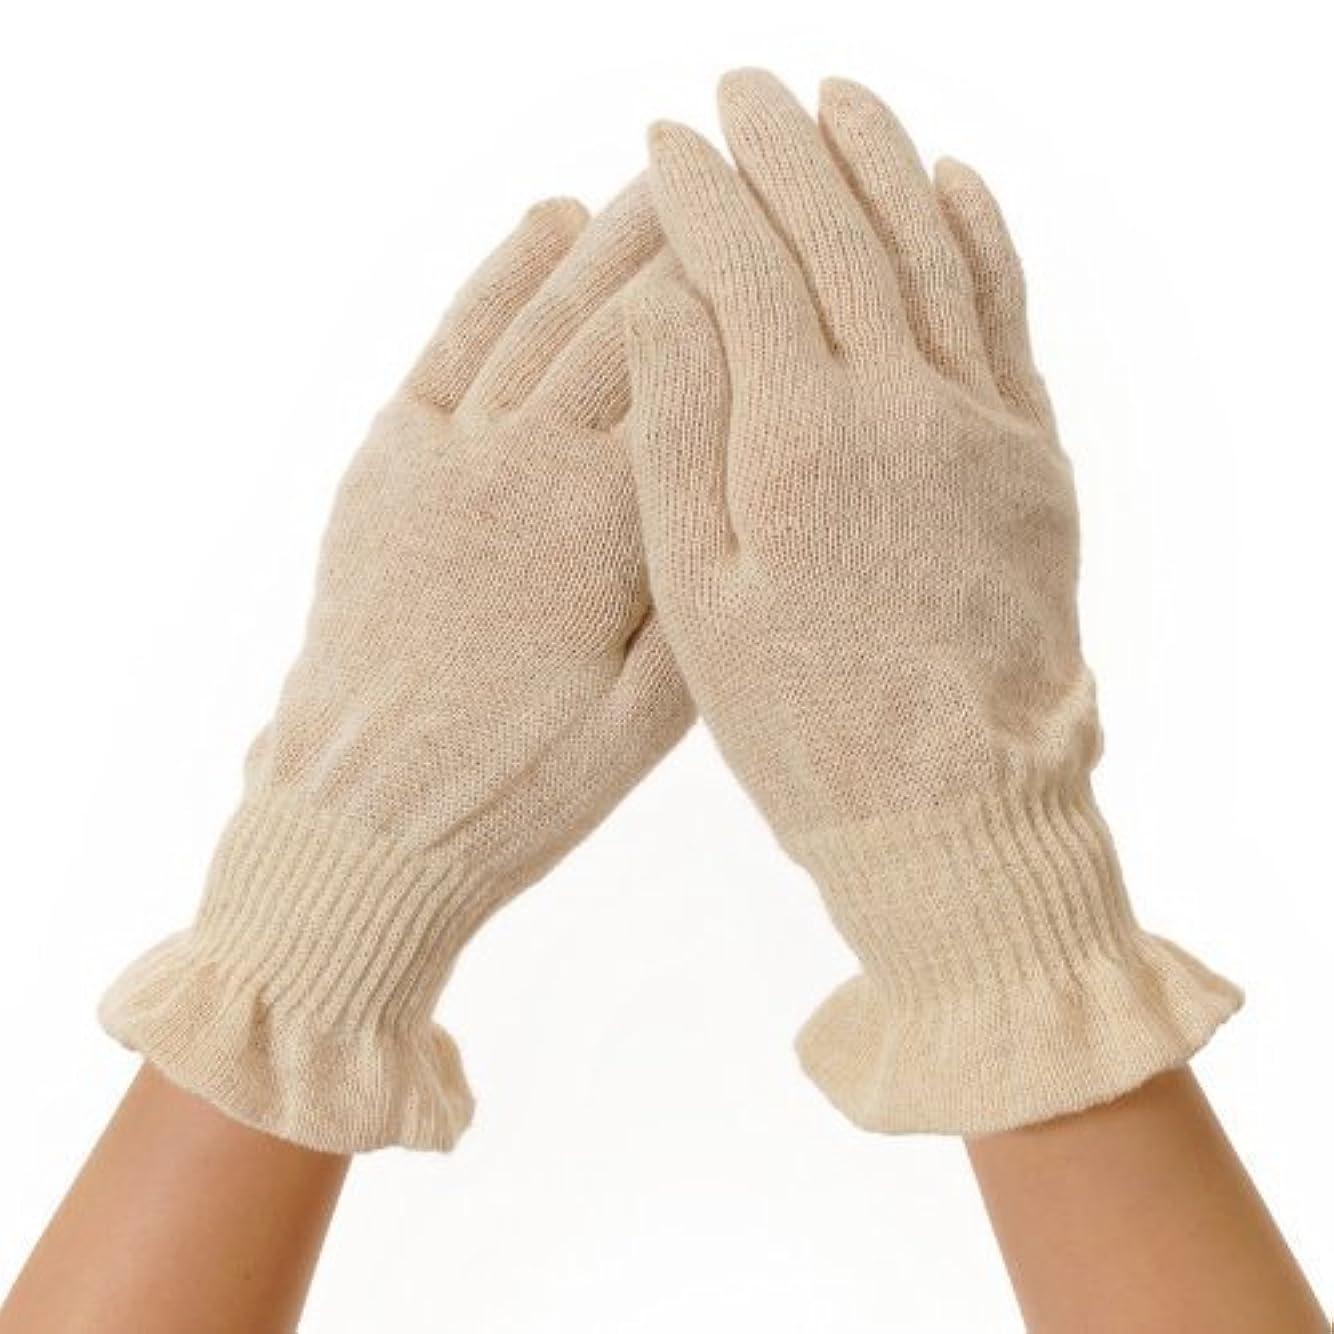 強化するブルーベルボーナス麻福 就寝用 手袋 [寝ている間に保湿で手荒れケア おやすみ手袋] 麻福特製ヘンプ糸 Lサイズ (男性ゆったり) きなり色 手荒れ予防